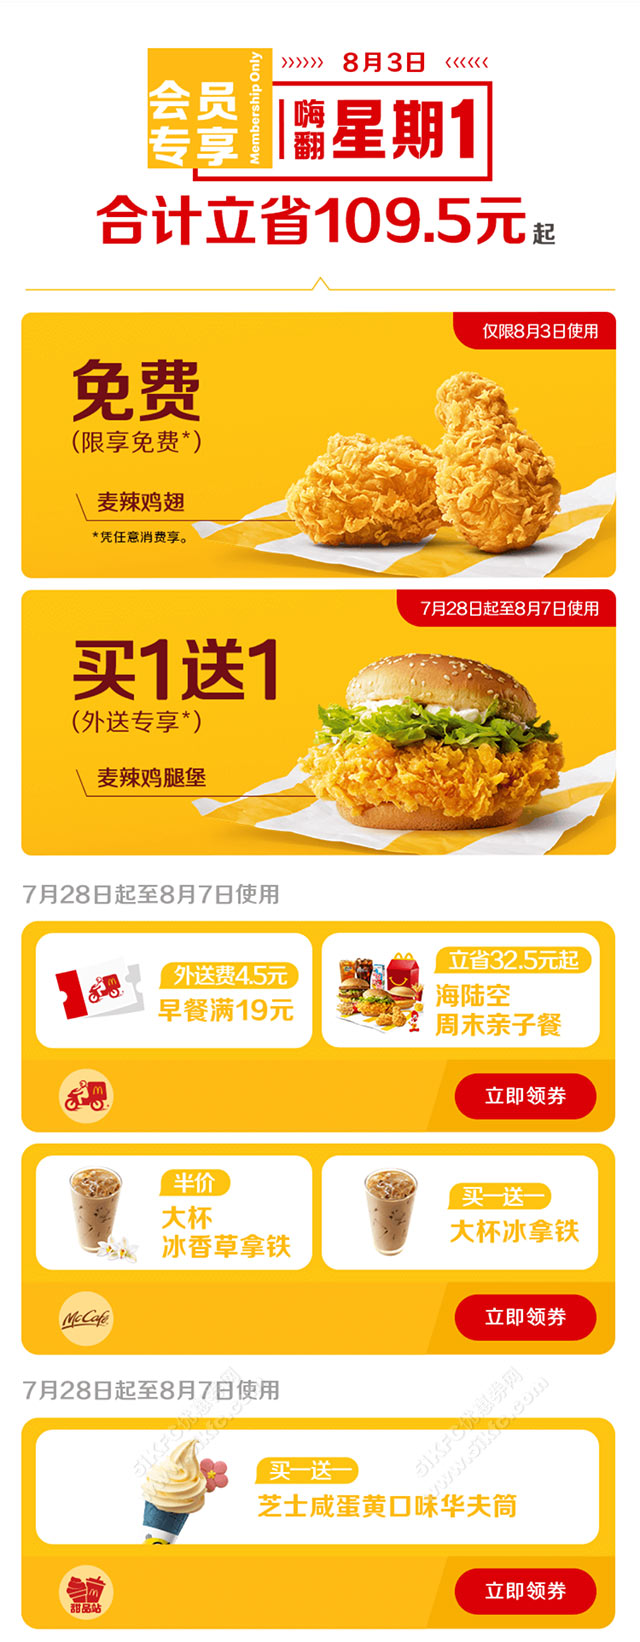 麦当劳周优惠券领取,买一送一,半价购,免外送费 有效期至:2020年12月31日 www.5ikfc.com